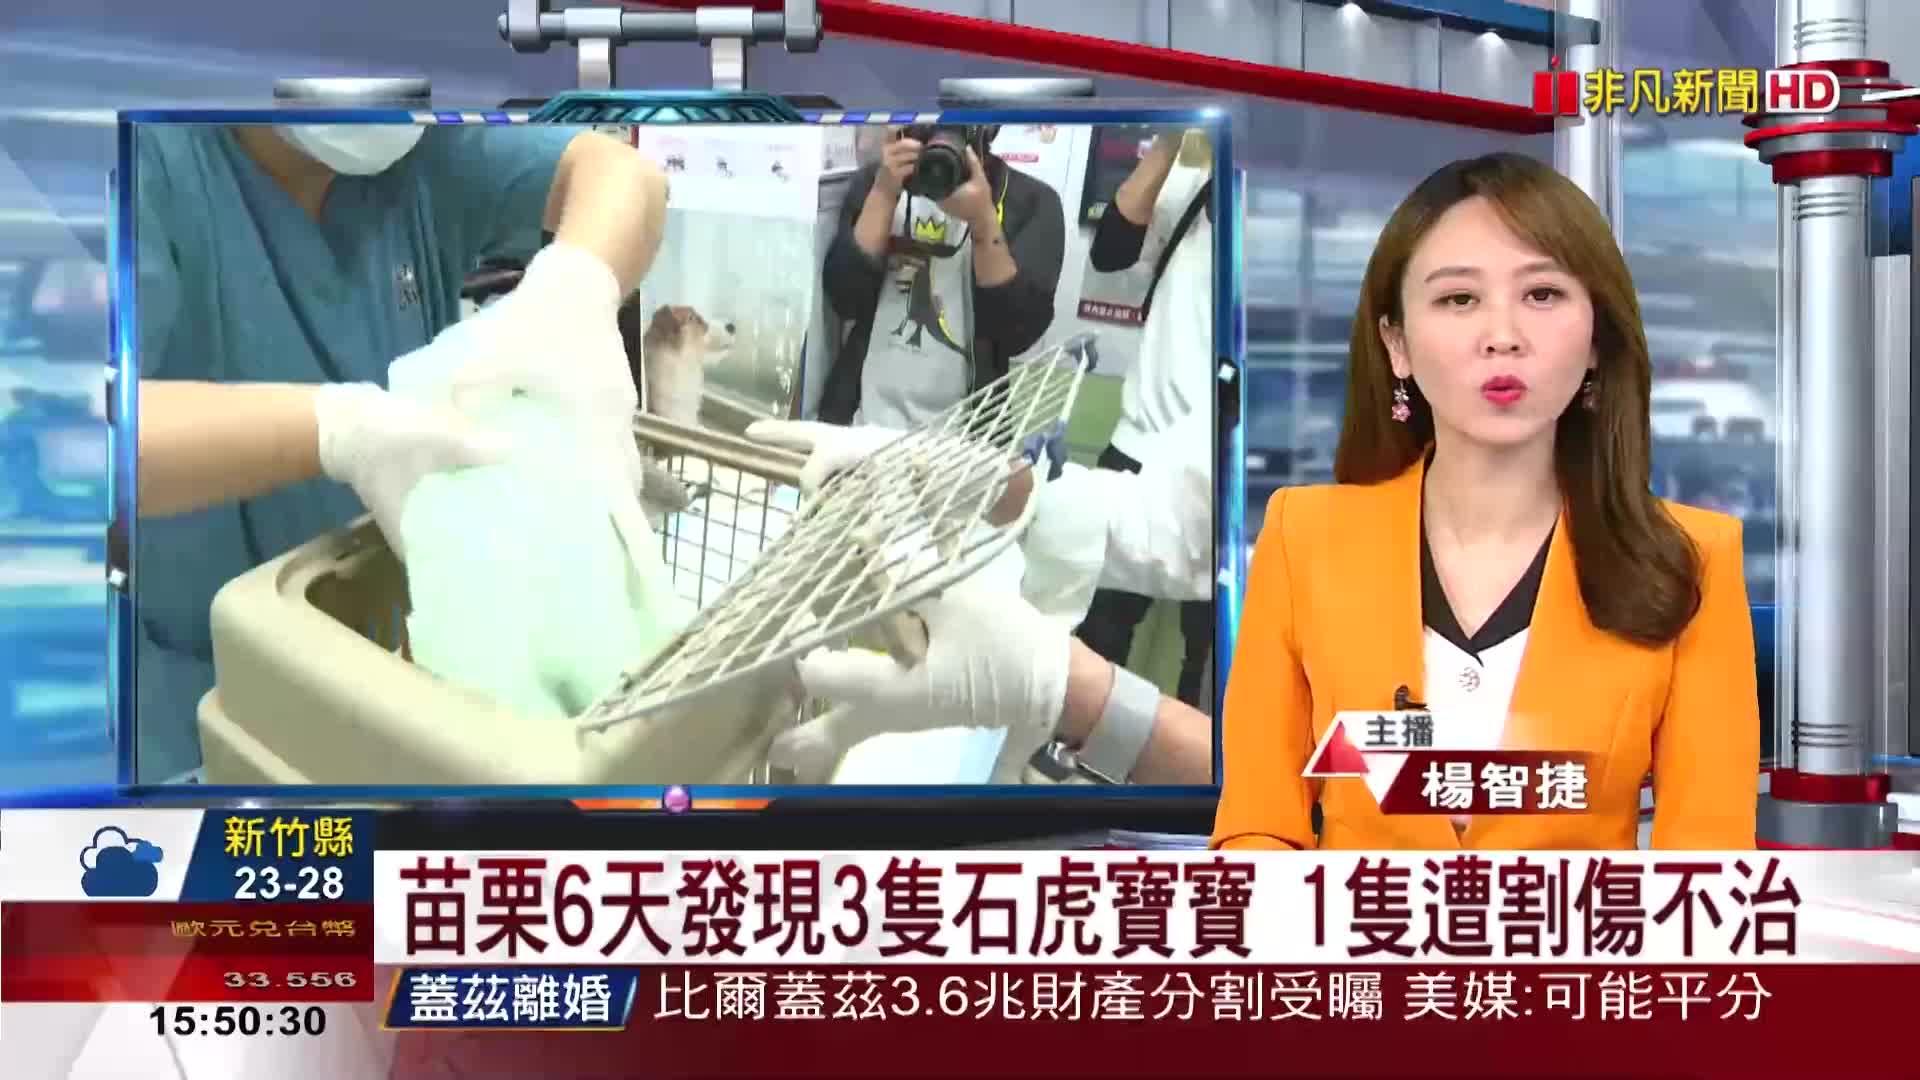 苗栗6天發現3隻石虎寶寶 1隻遭割傷不治